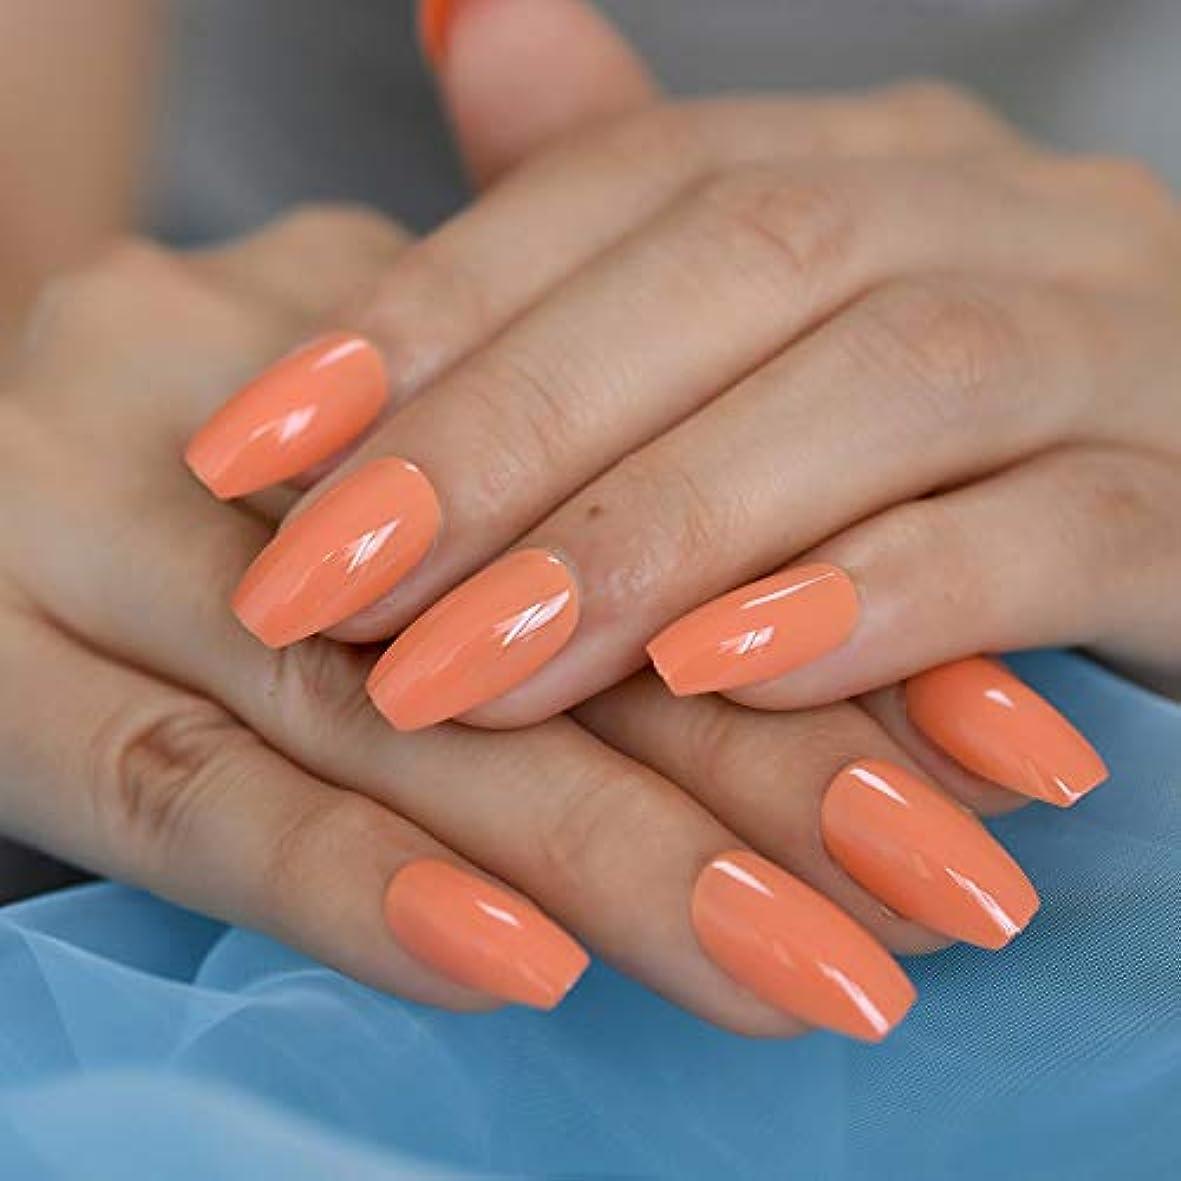 ピック色合い指導するXUTXZKA 薄オレンジ色の偽の爪光沢のあるソリッドカラーフルカバーネイルのヒント仮押しネイルステッカー24